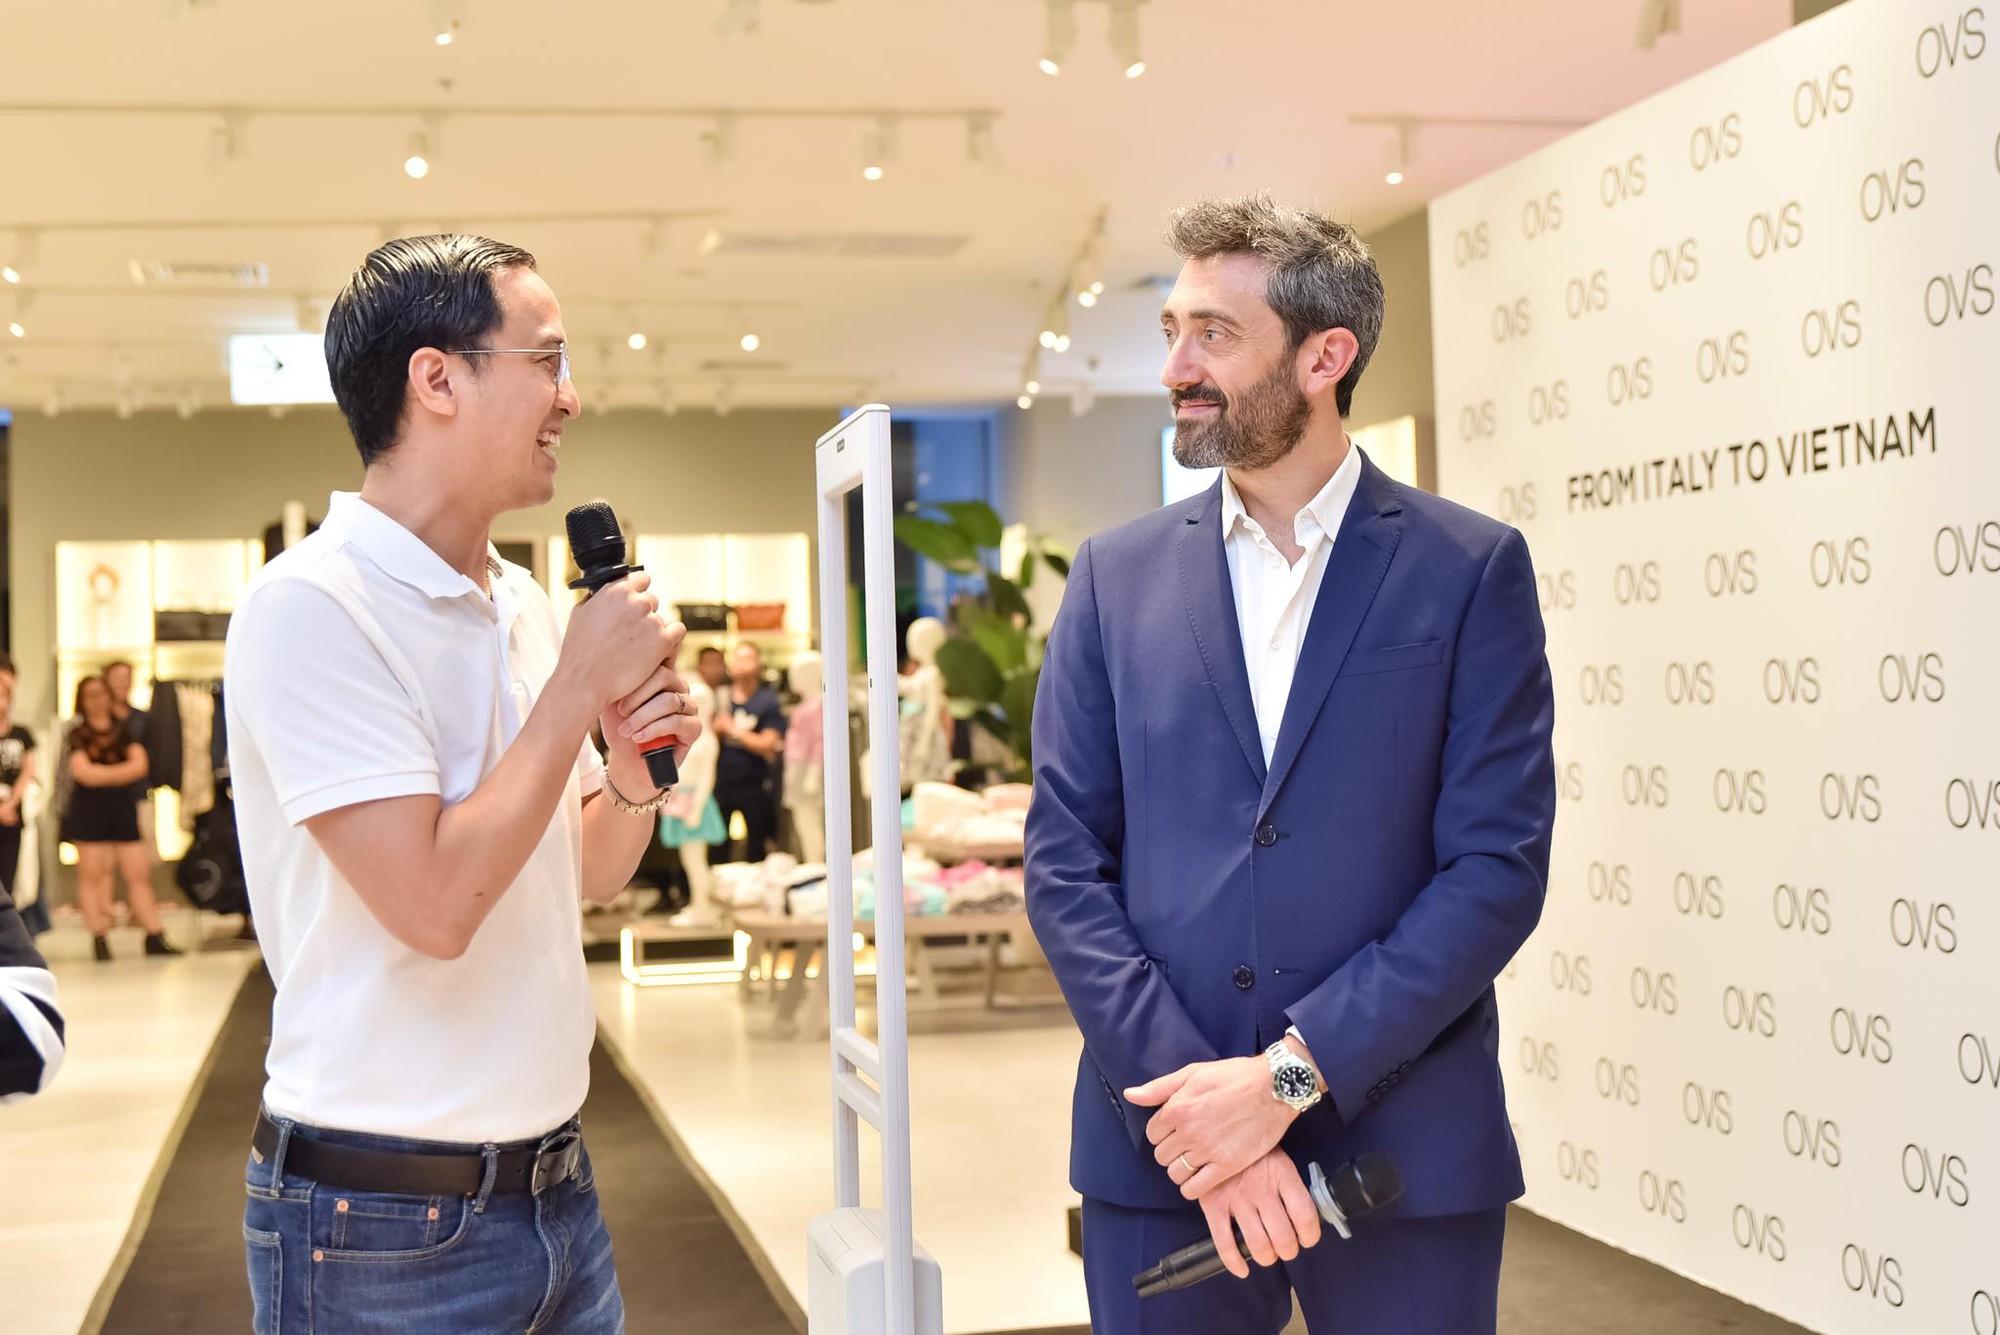 Hà Tăng rạng rỡ xuất hiện cùng chồng trong sự kiện khai trương cửa hàng OVS đầu tiên tại Việt Nam - Ảnh 11.